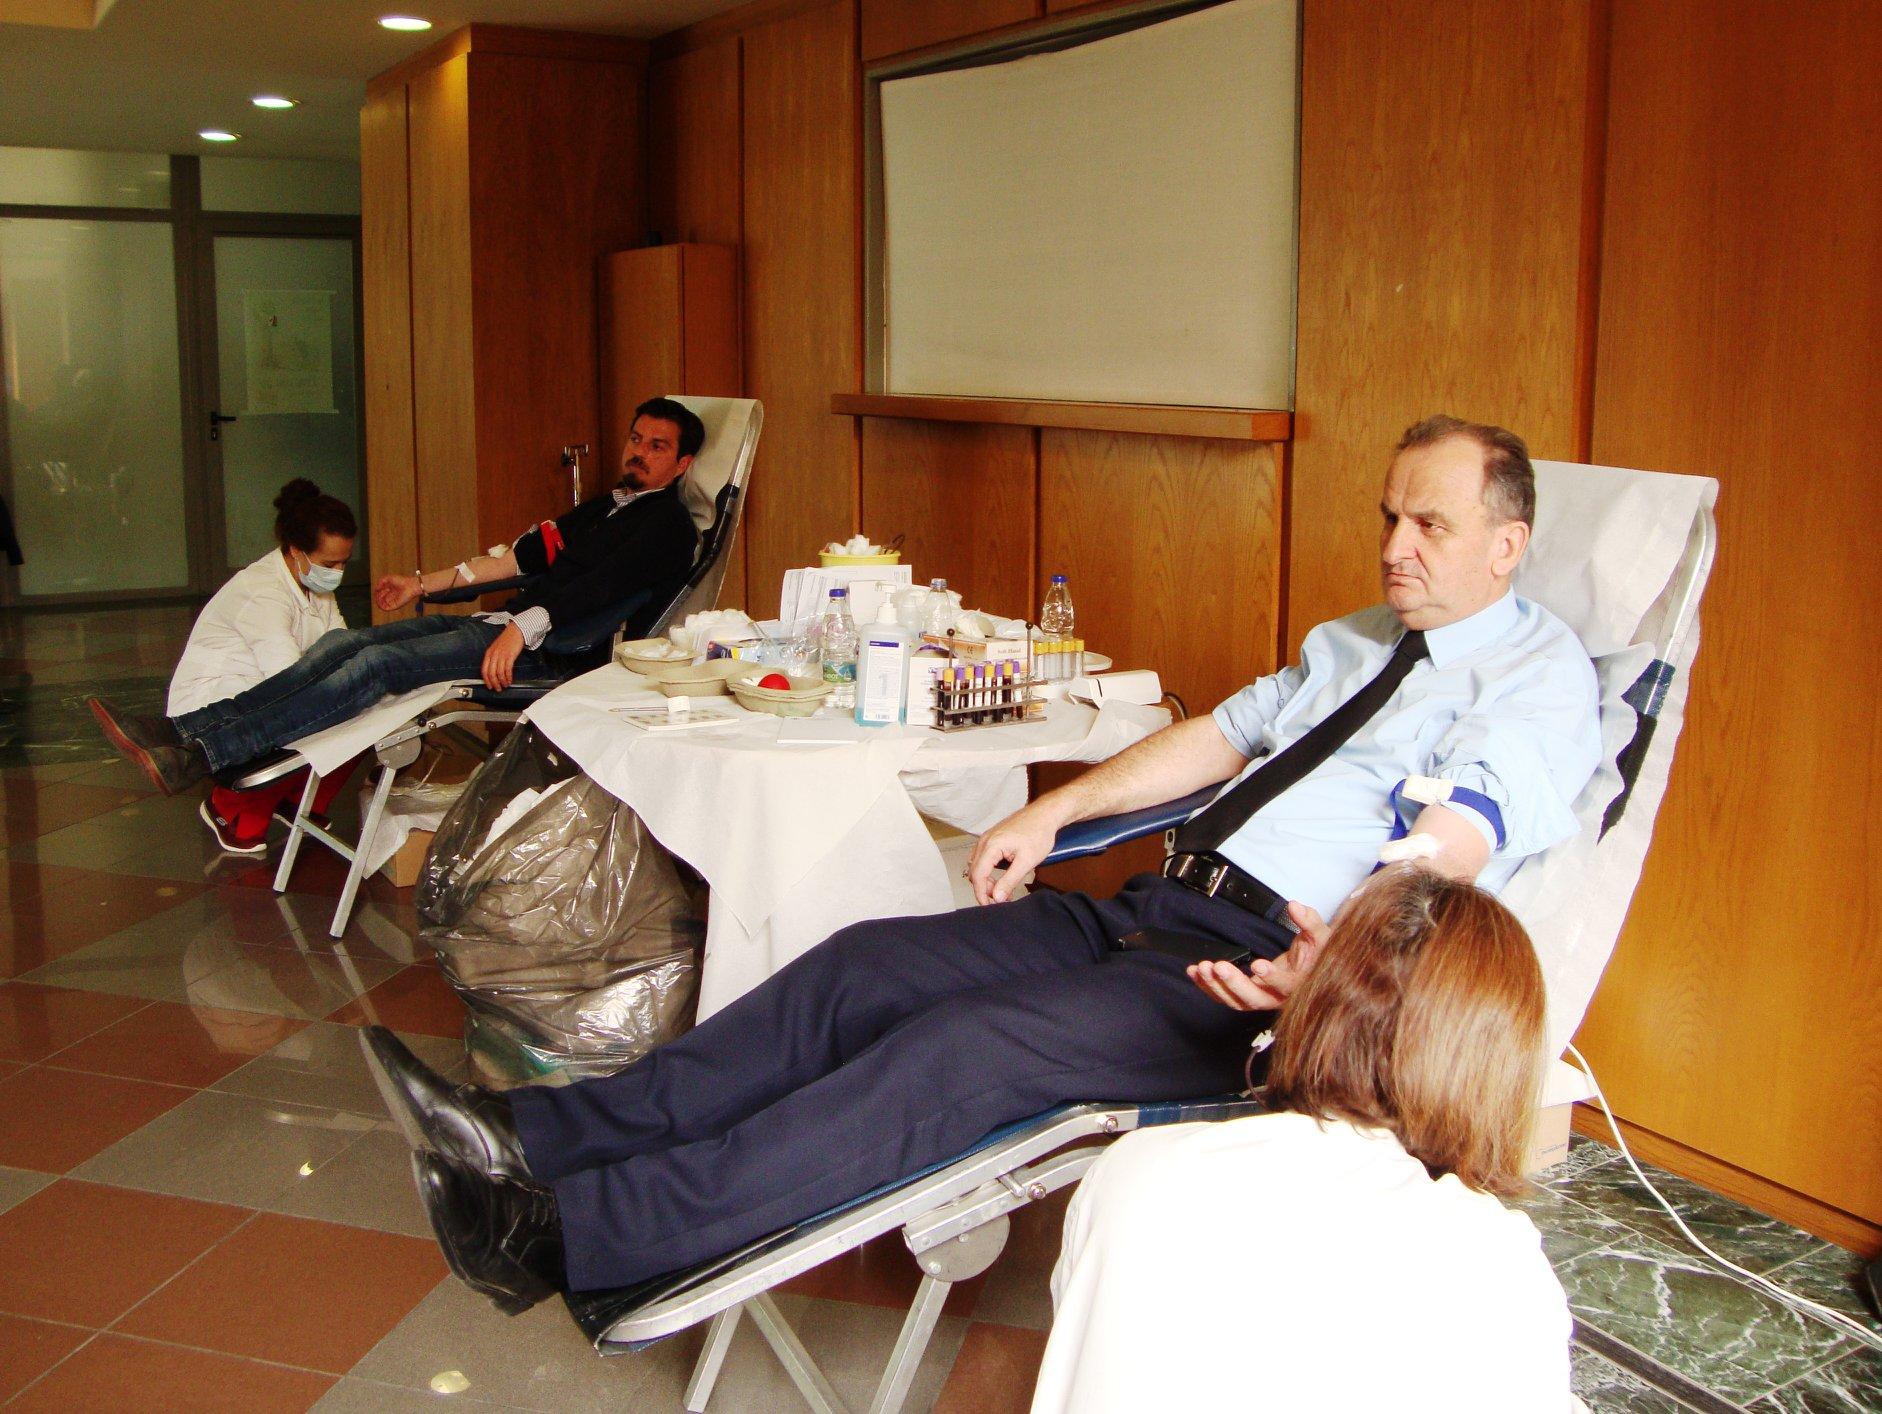 Πύργος: Συνάντηση Αντιπεριφερειάρχη Π.Ε Ηλείας Β.Γιαννόπουλου με Διευθυντή Διεύθυνσης Αστυνομίας Ηλείας κ. Μάνδαλο (photos)